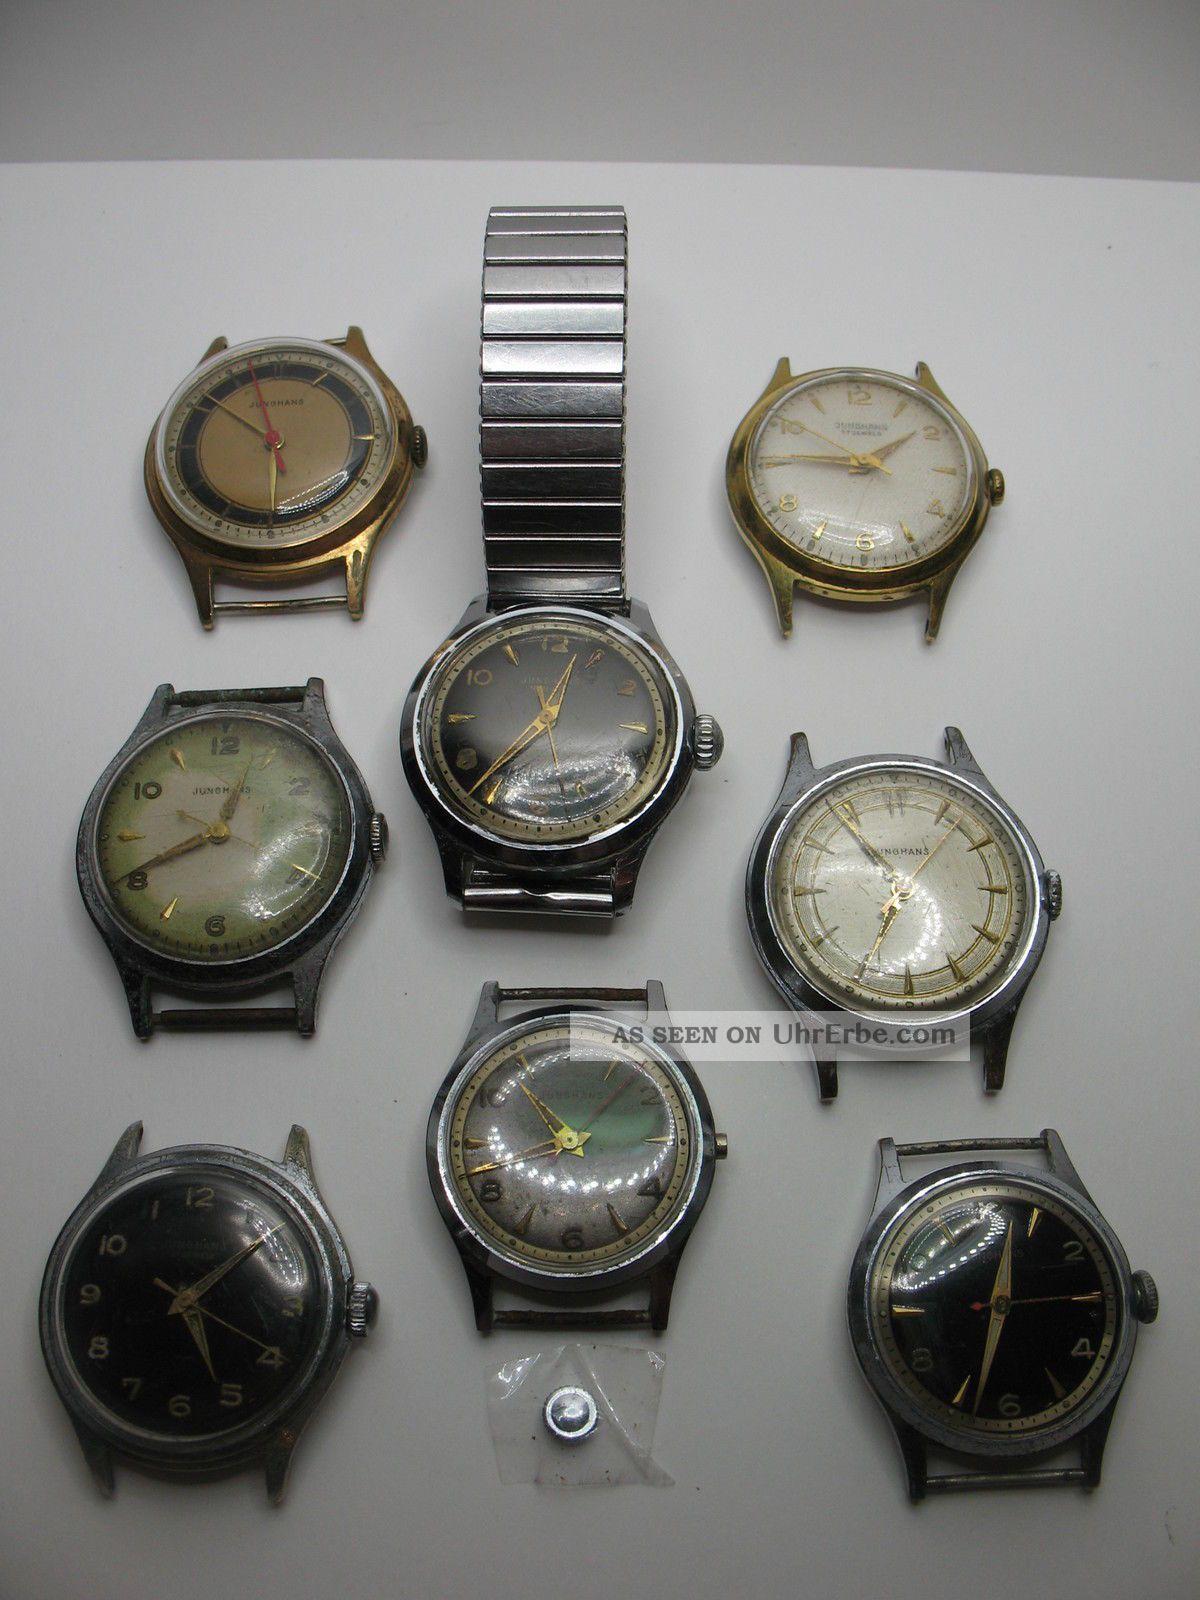 Konvolut Von 8 Junghans Herrenuhren Mit Dem Kaliber 93/1 Aus Den 50er Jahren Armbanduhren Bild